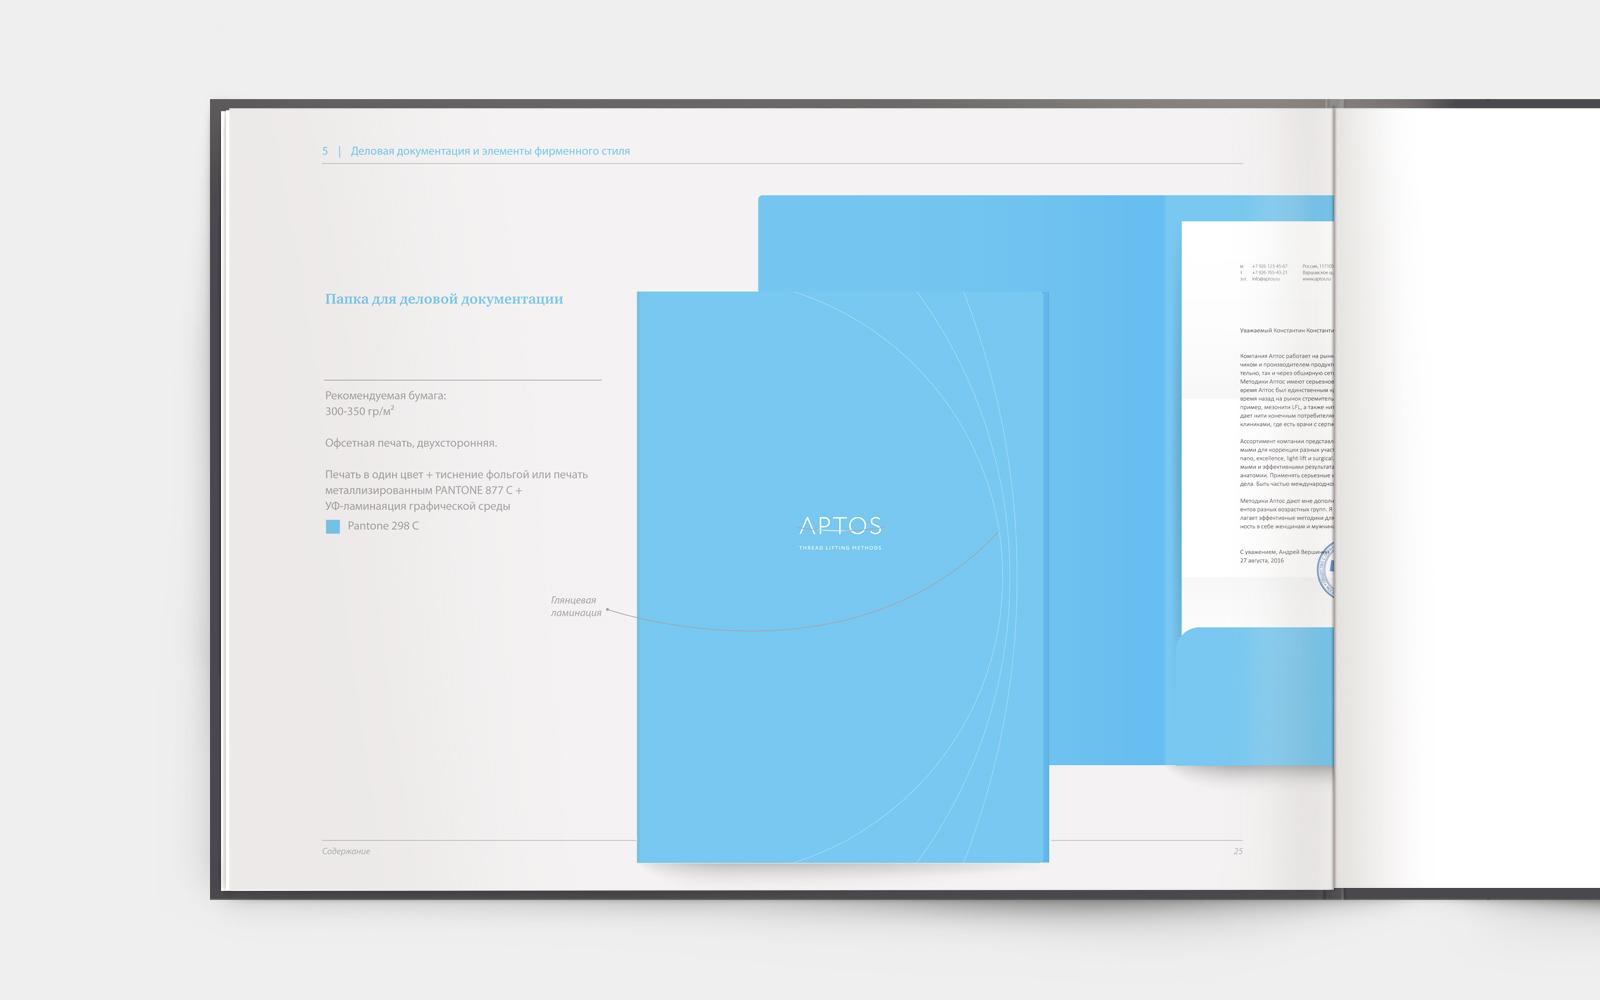 Дизайн деловой документации клиники Aptos